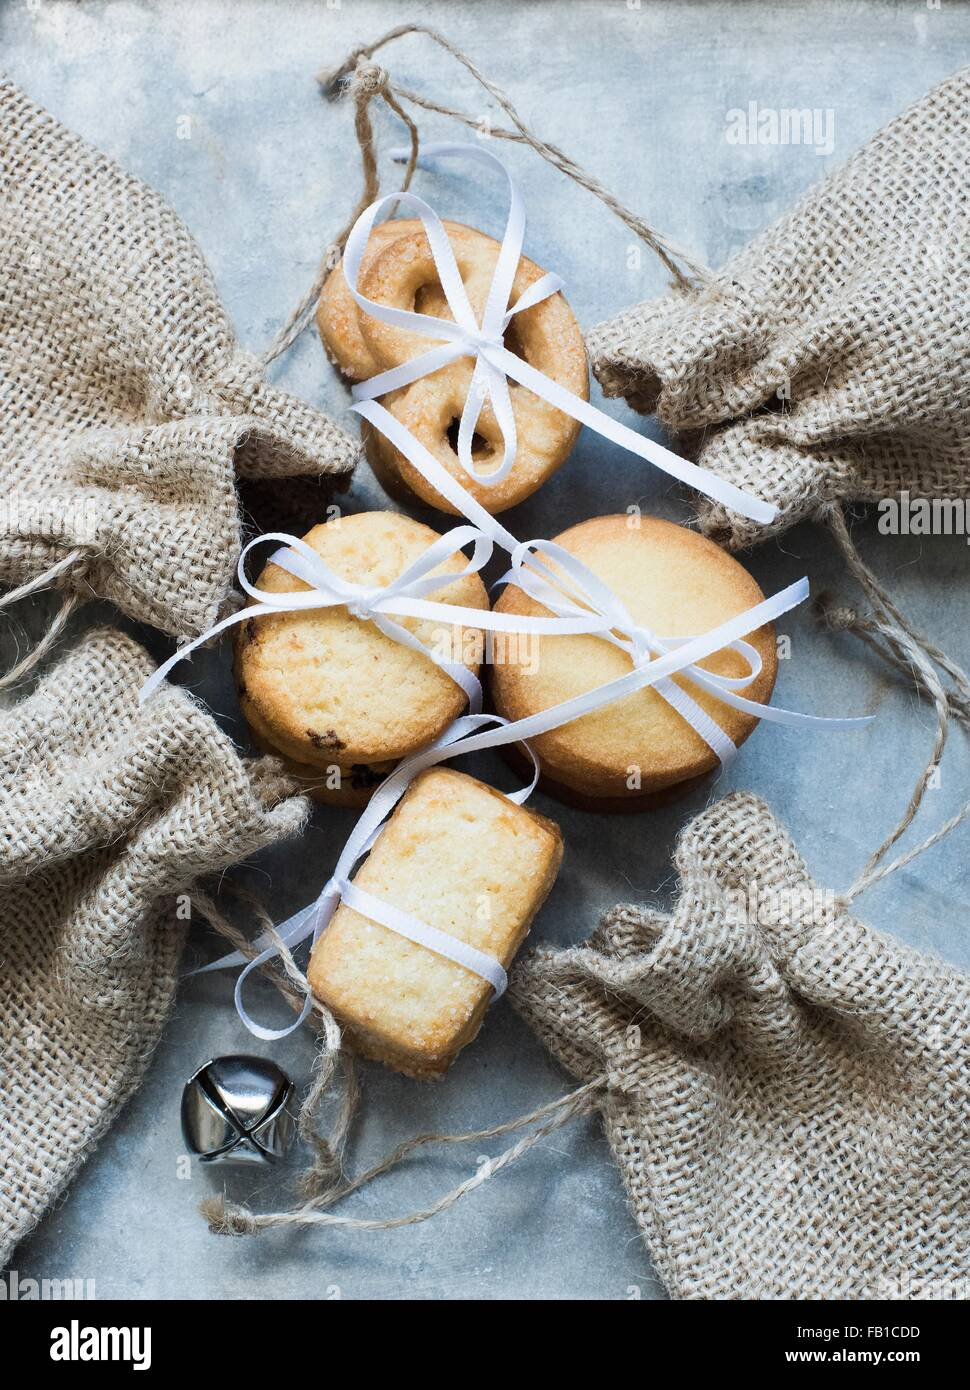 Vista aerea di biscotti frollini legate con nastro bianco e sacchi di tela Foto Stock